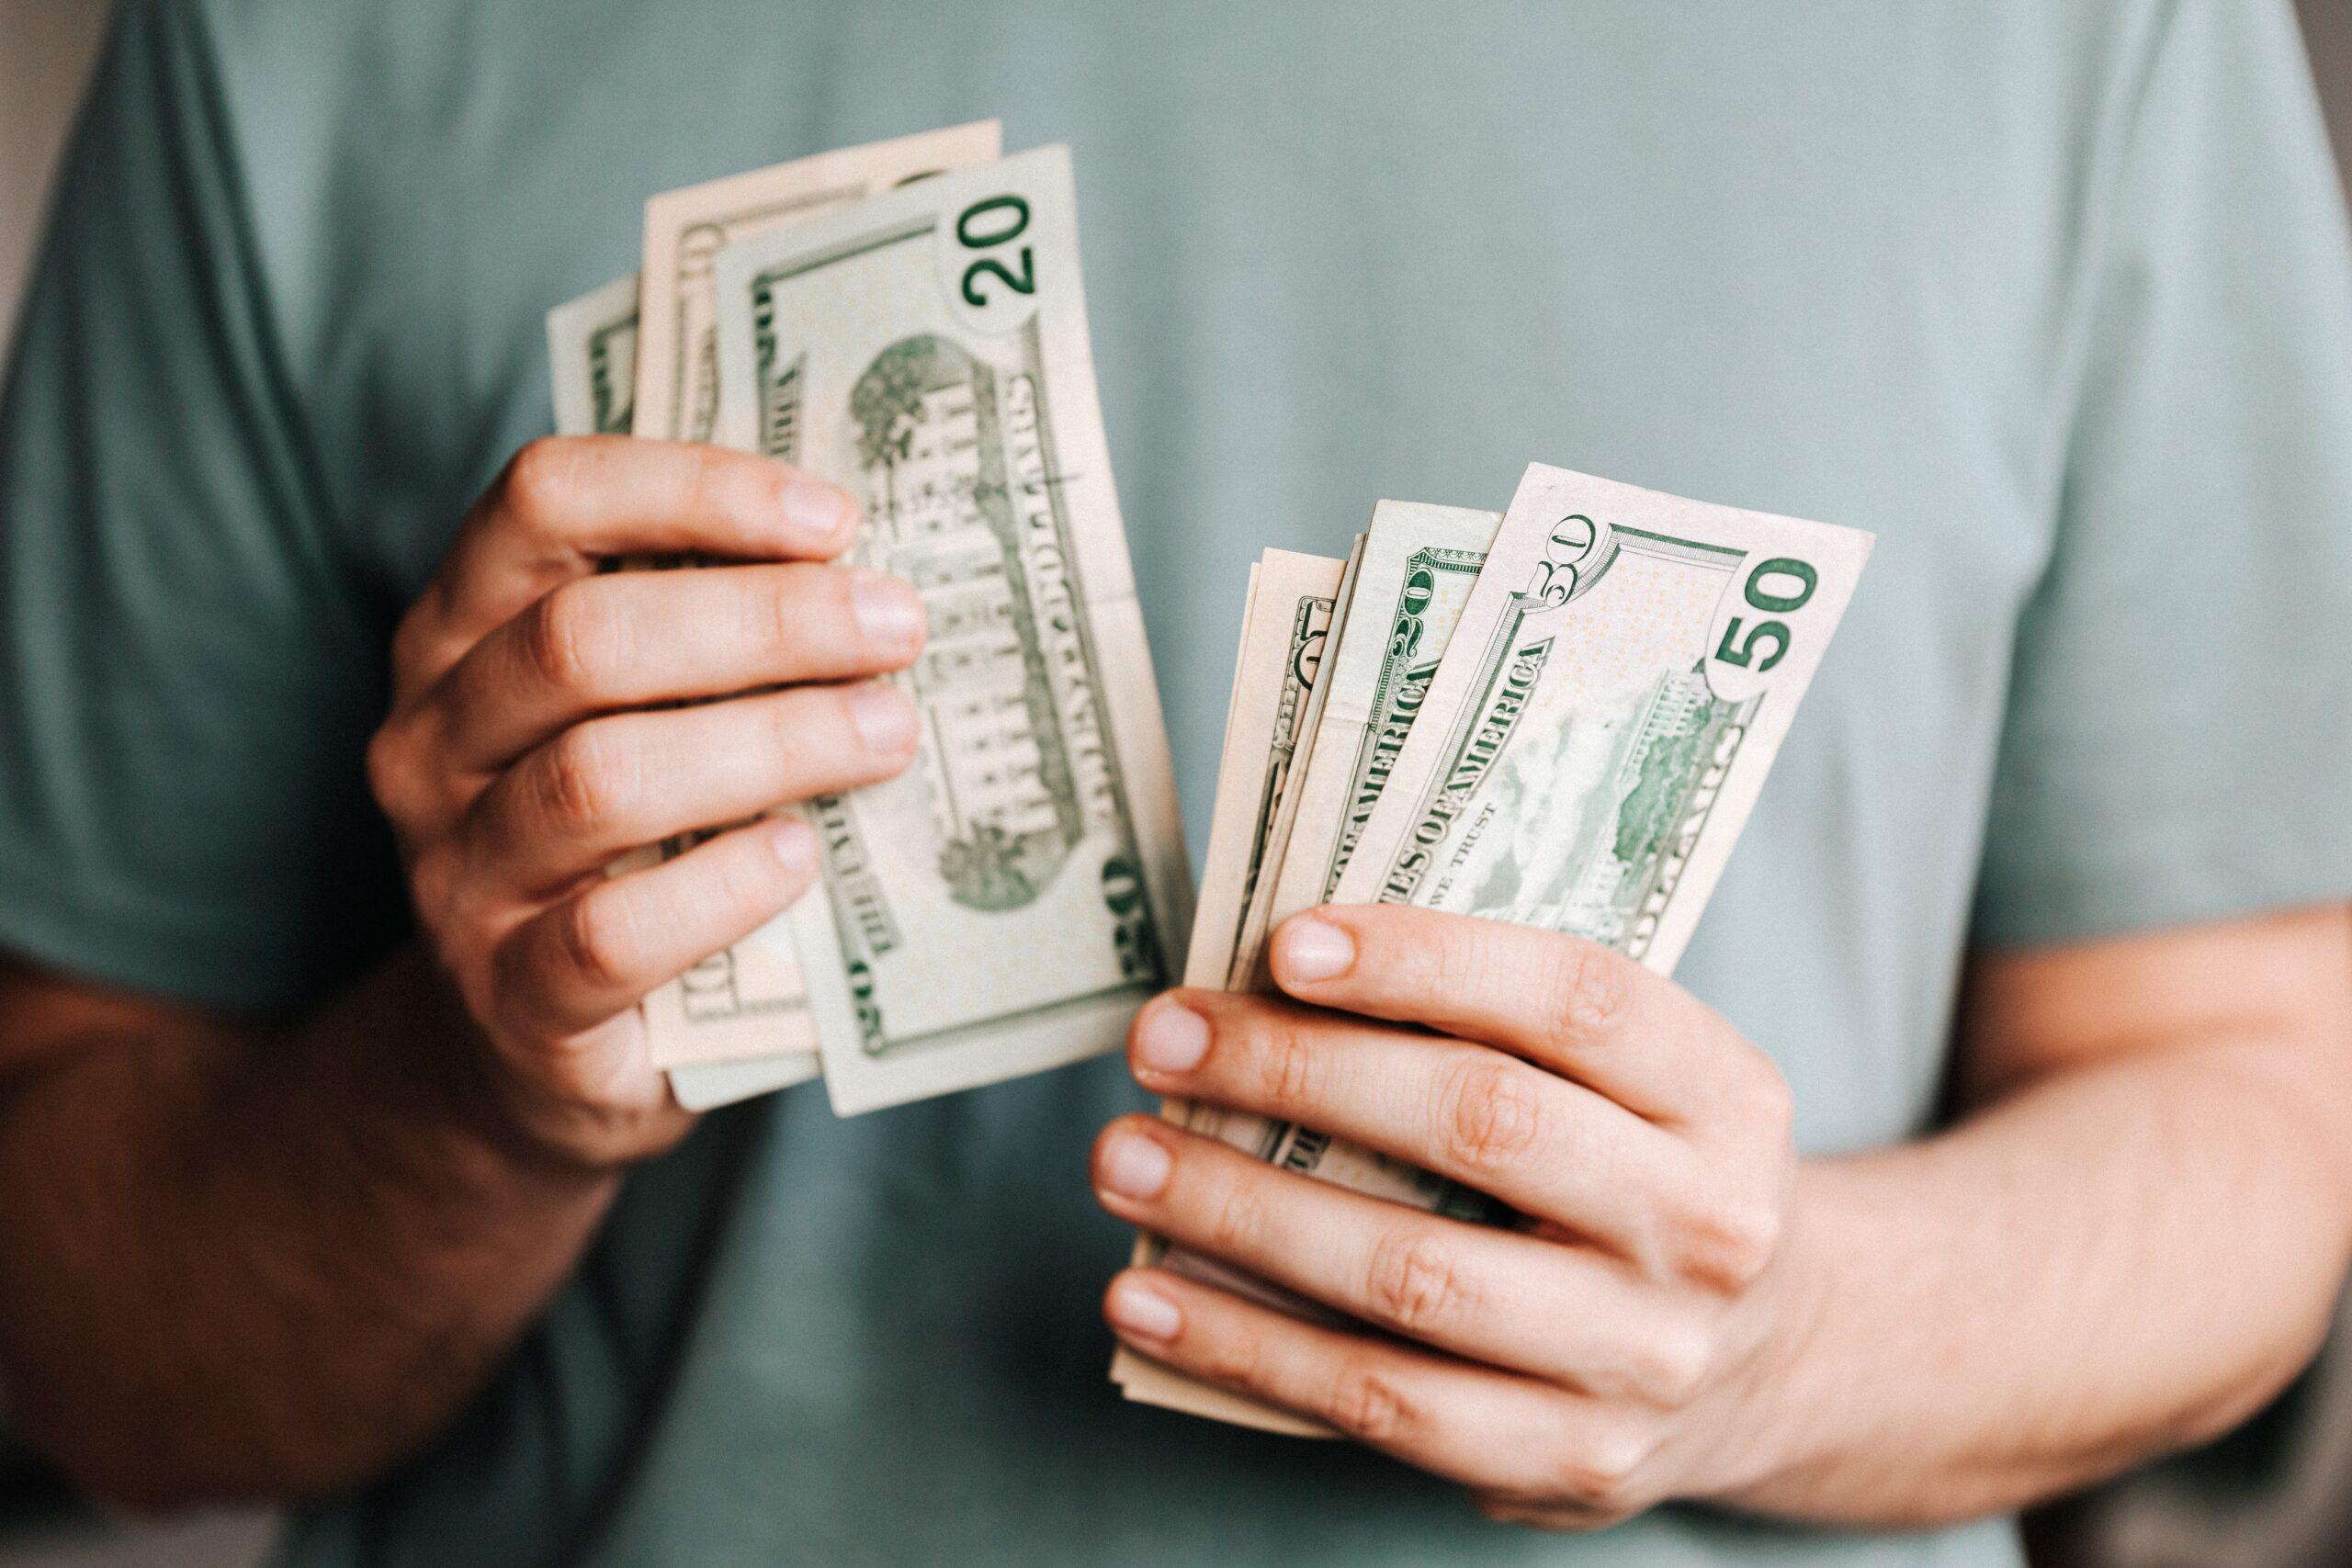 セラピストのお給料のお金を見せている男性の手元の画像